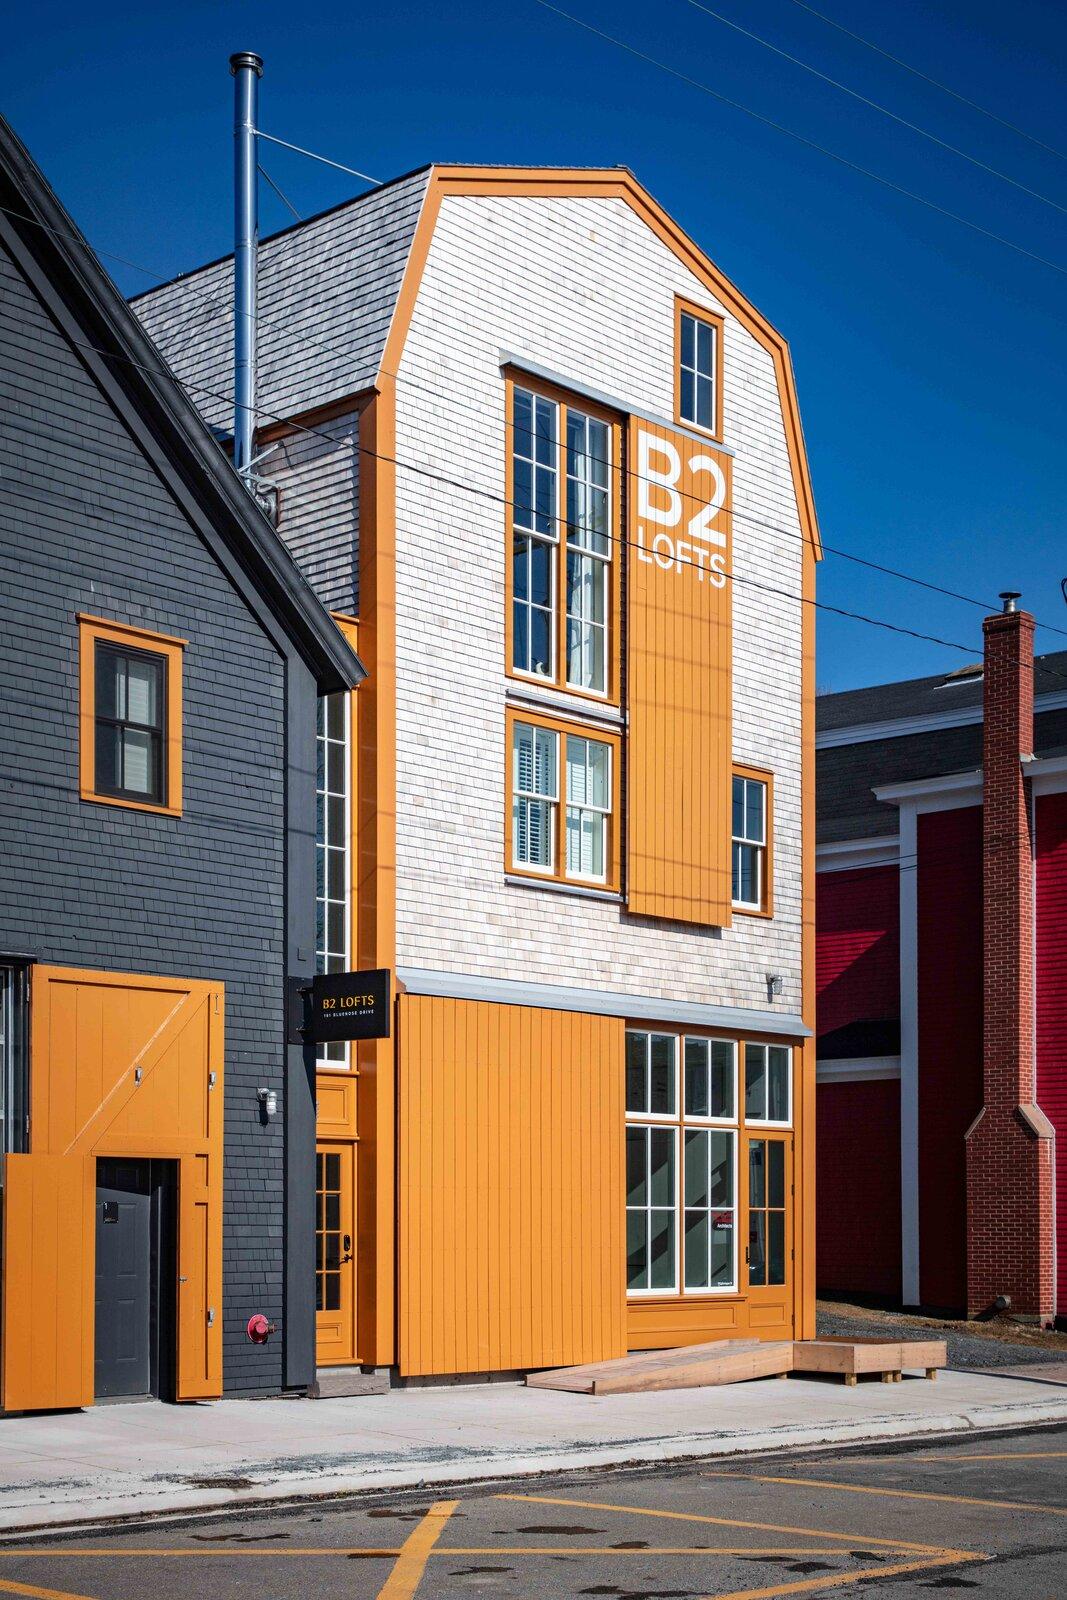 B2 Lofts exterior